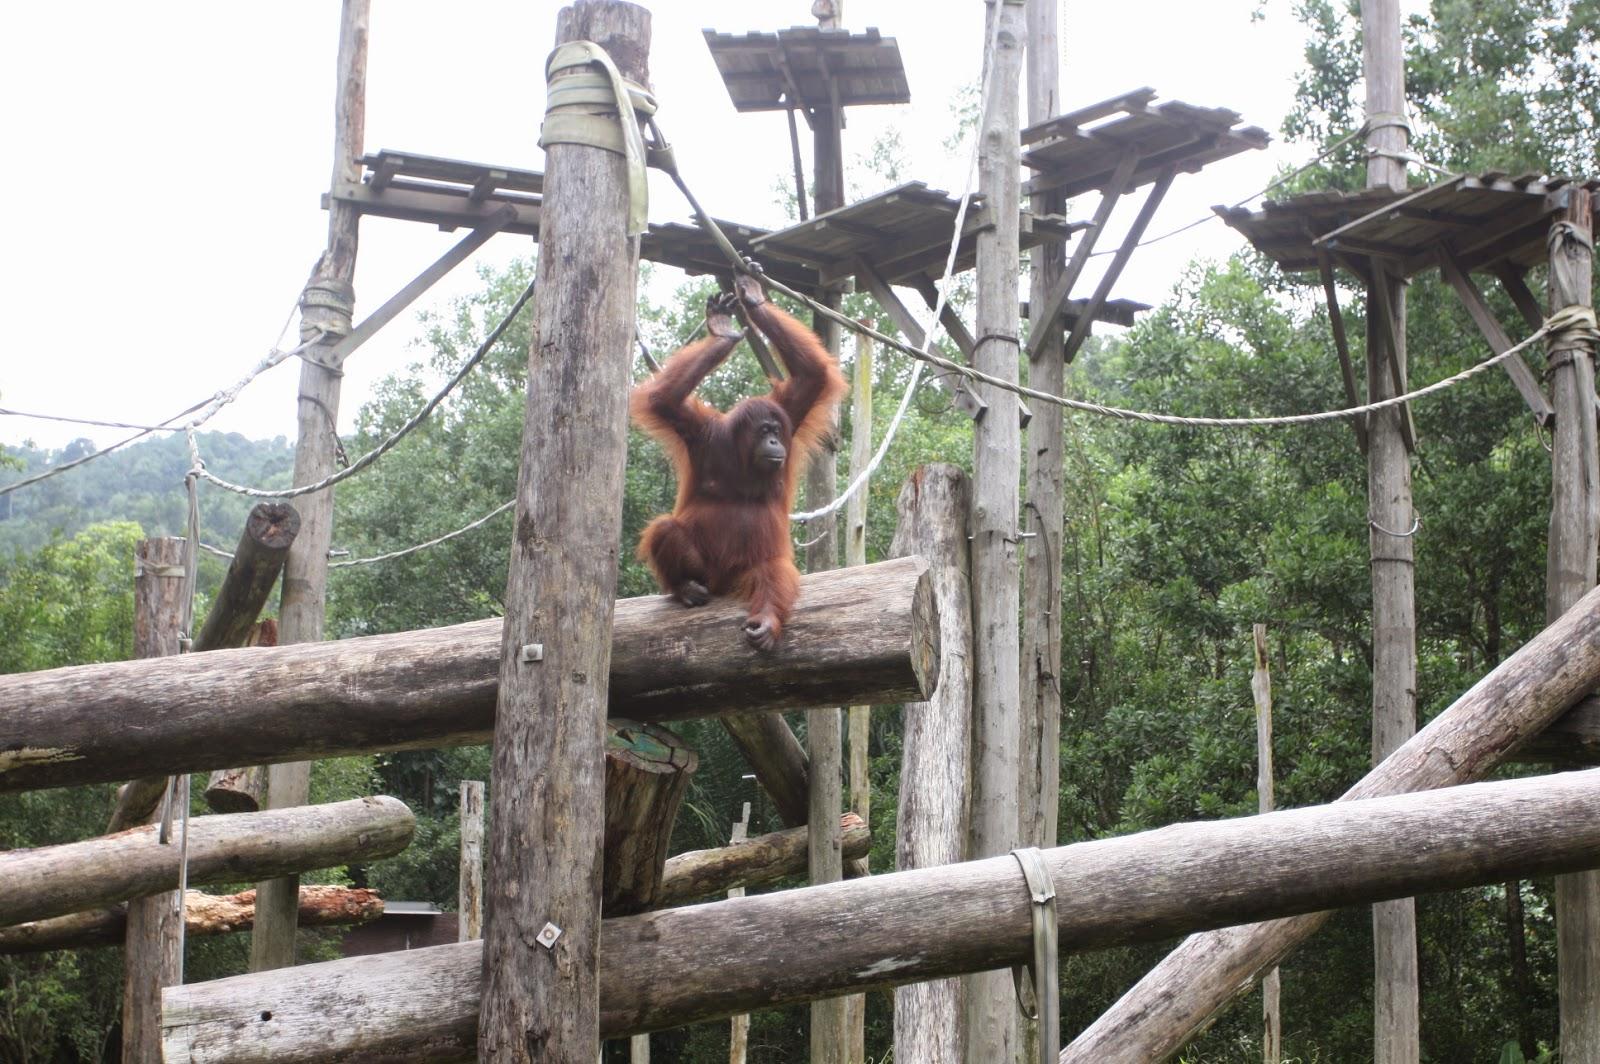 gambar monyet kelakar - foto hewan